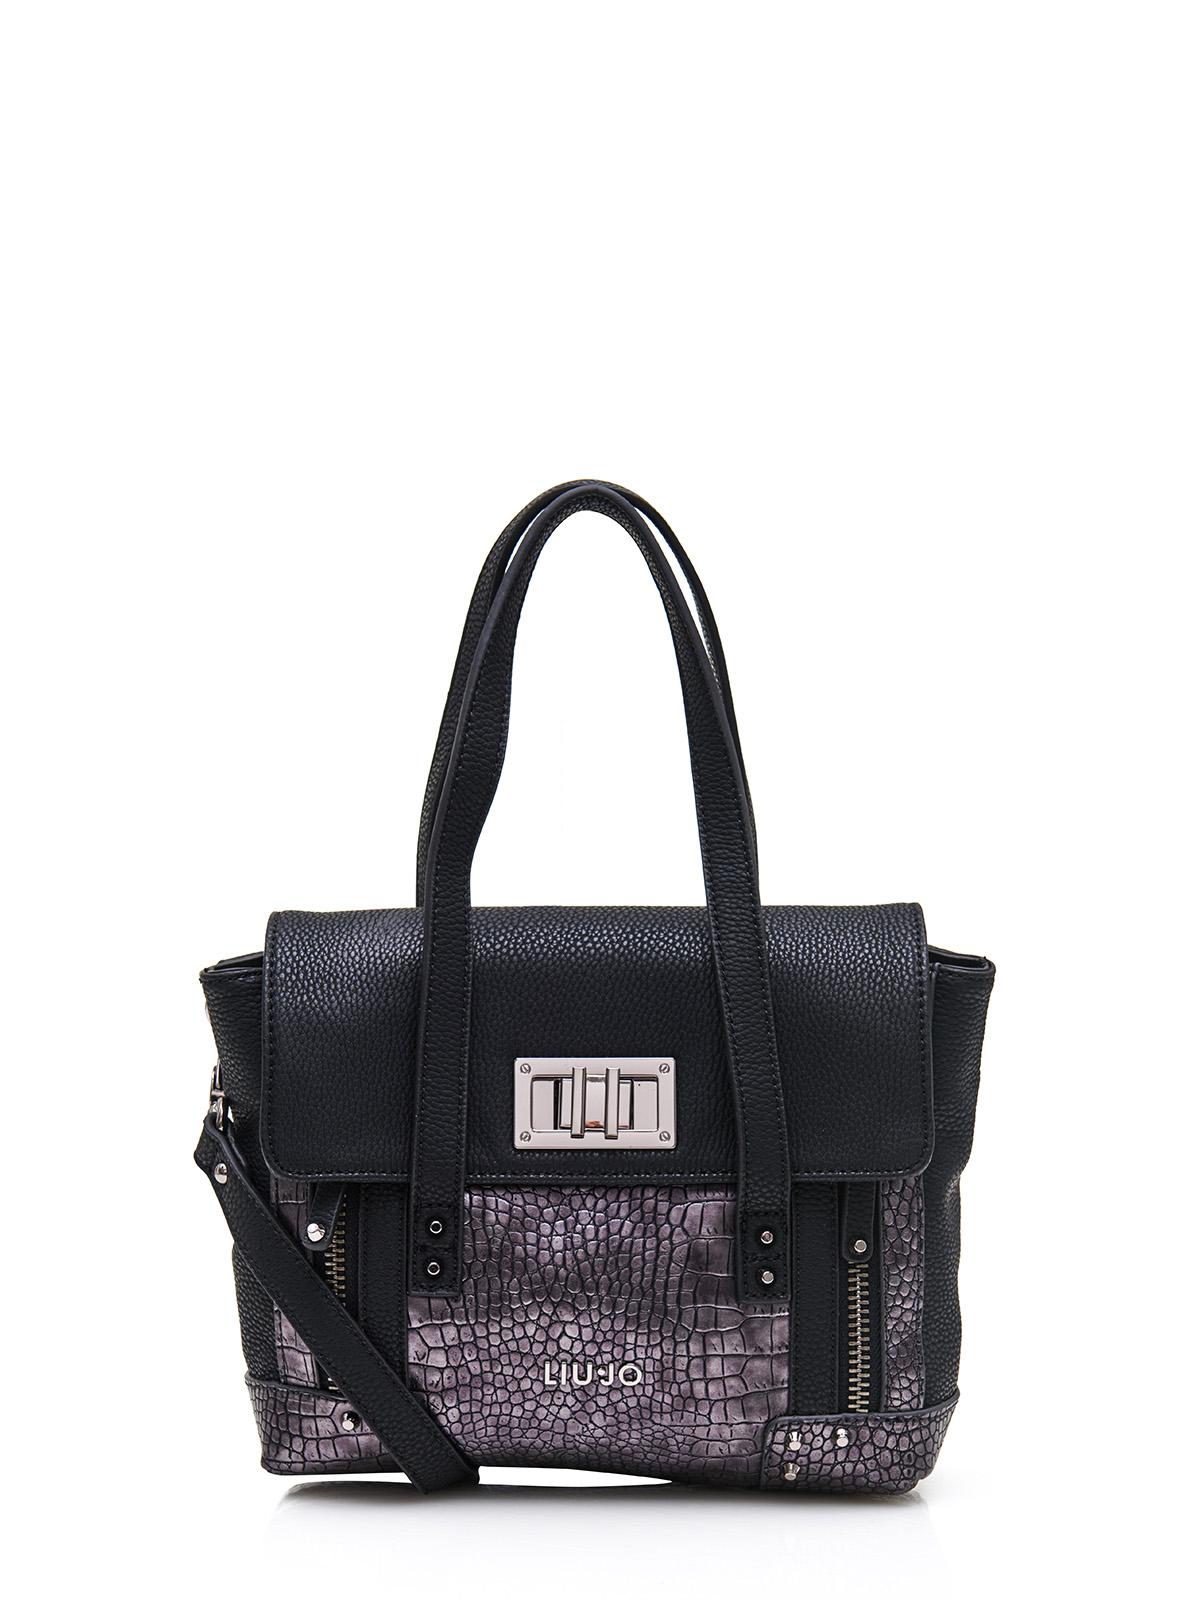 liu jo tasche a65053 k0159 schwarz grau leder ebay. Black Bedroom Furniture Sets. Home Design Ideas